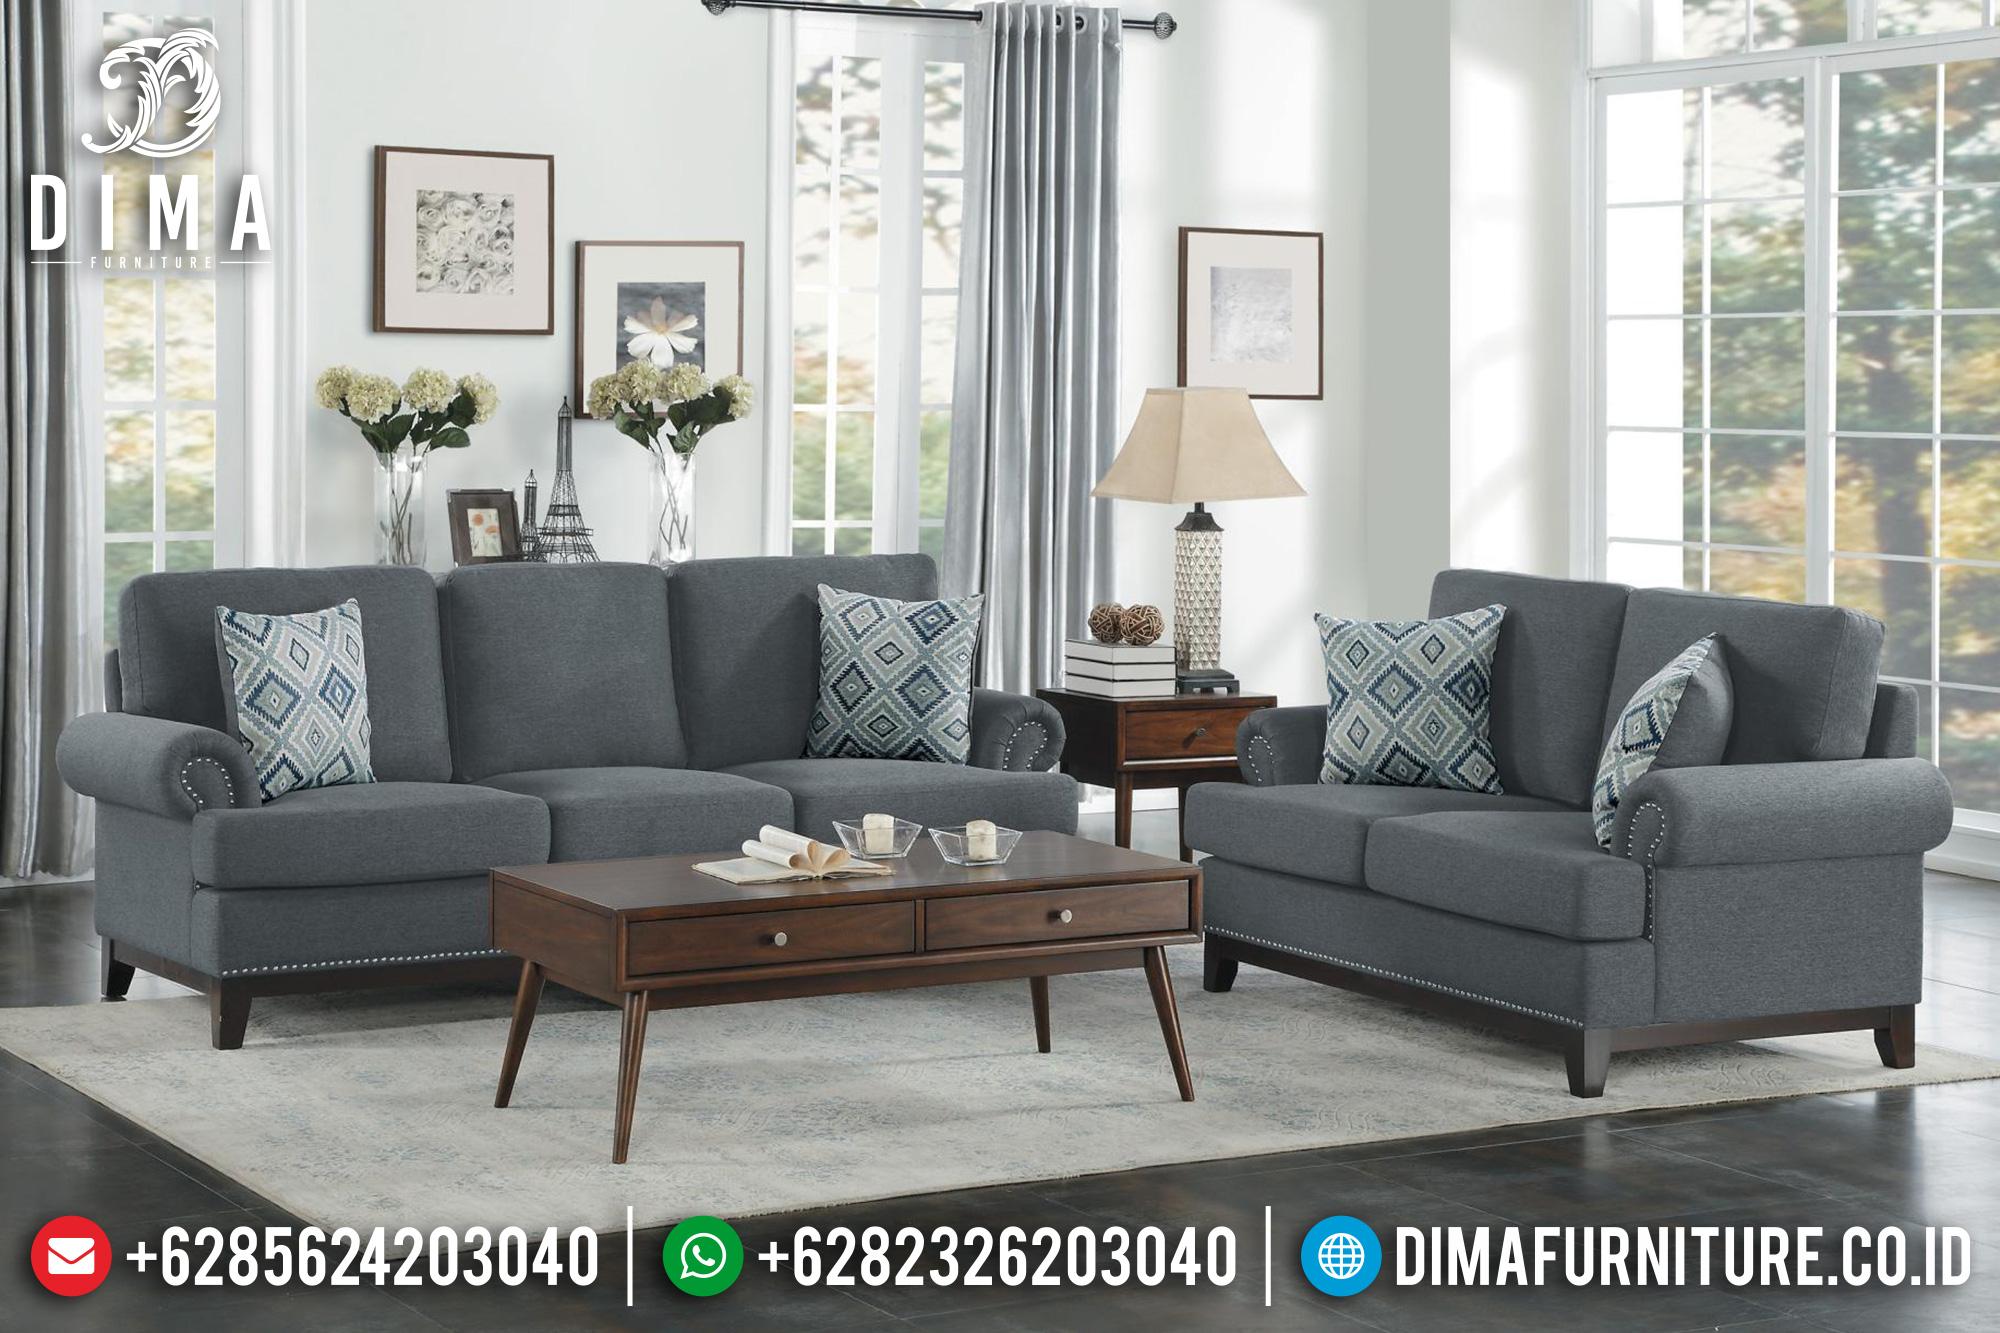 Desain Sofa Tamu Jepara Trend 2019 Minimalis BT-0091